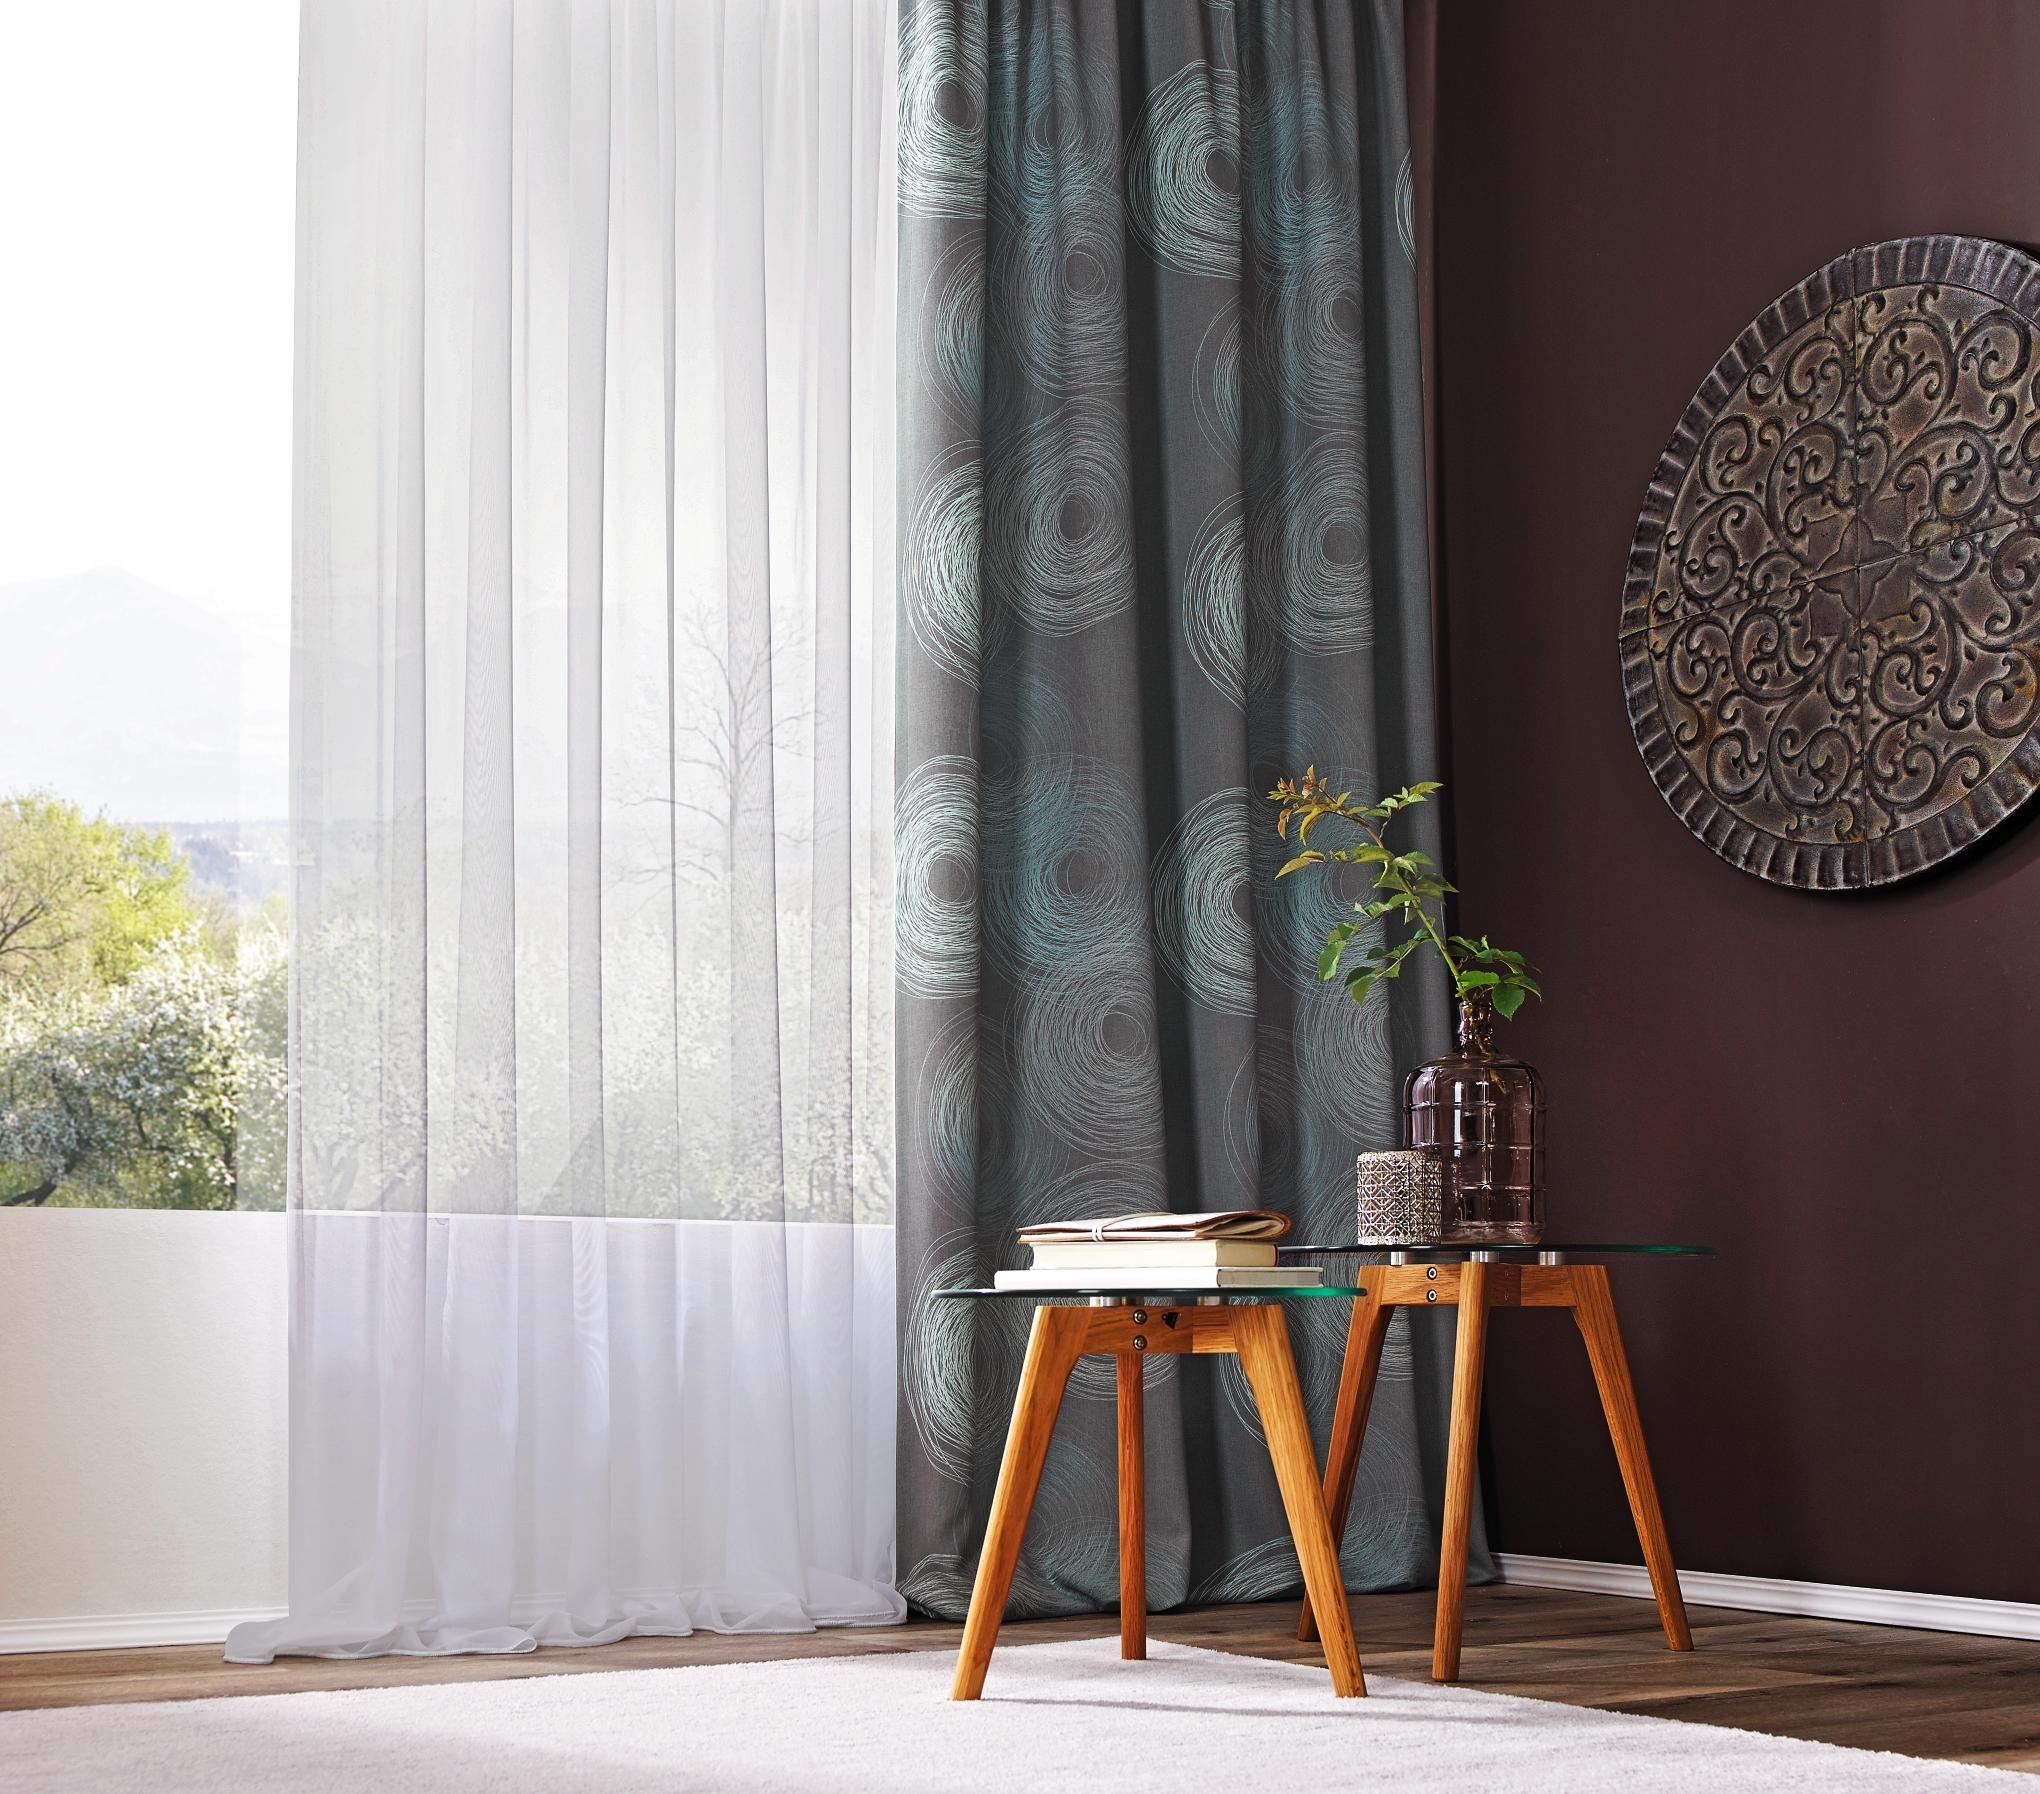 vorhangstoff per lfm verdunkelung vorh nge pinterest vorh nge. Black Bedroom Furniture Sets. Home Design Ideas